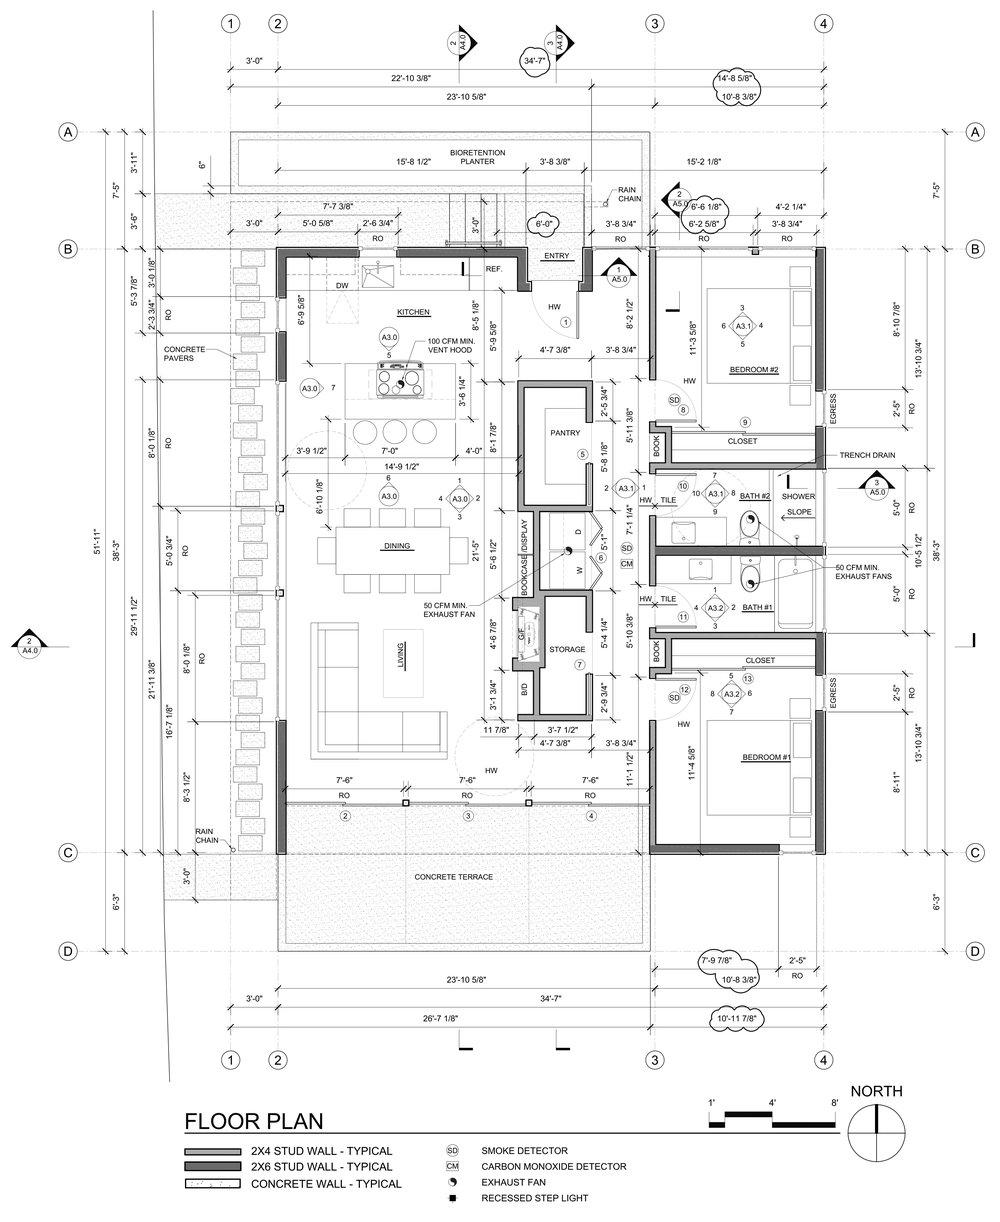 Clark_A1.1_Plan A1.jpg